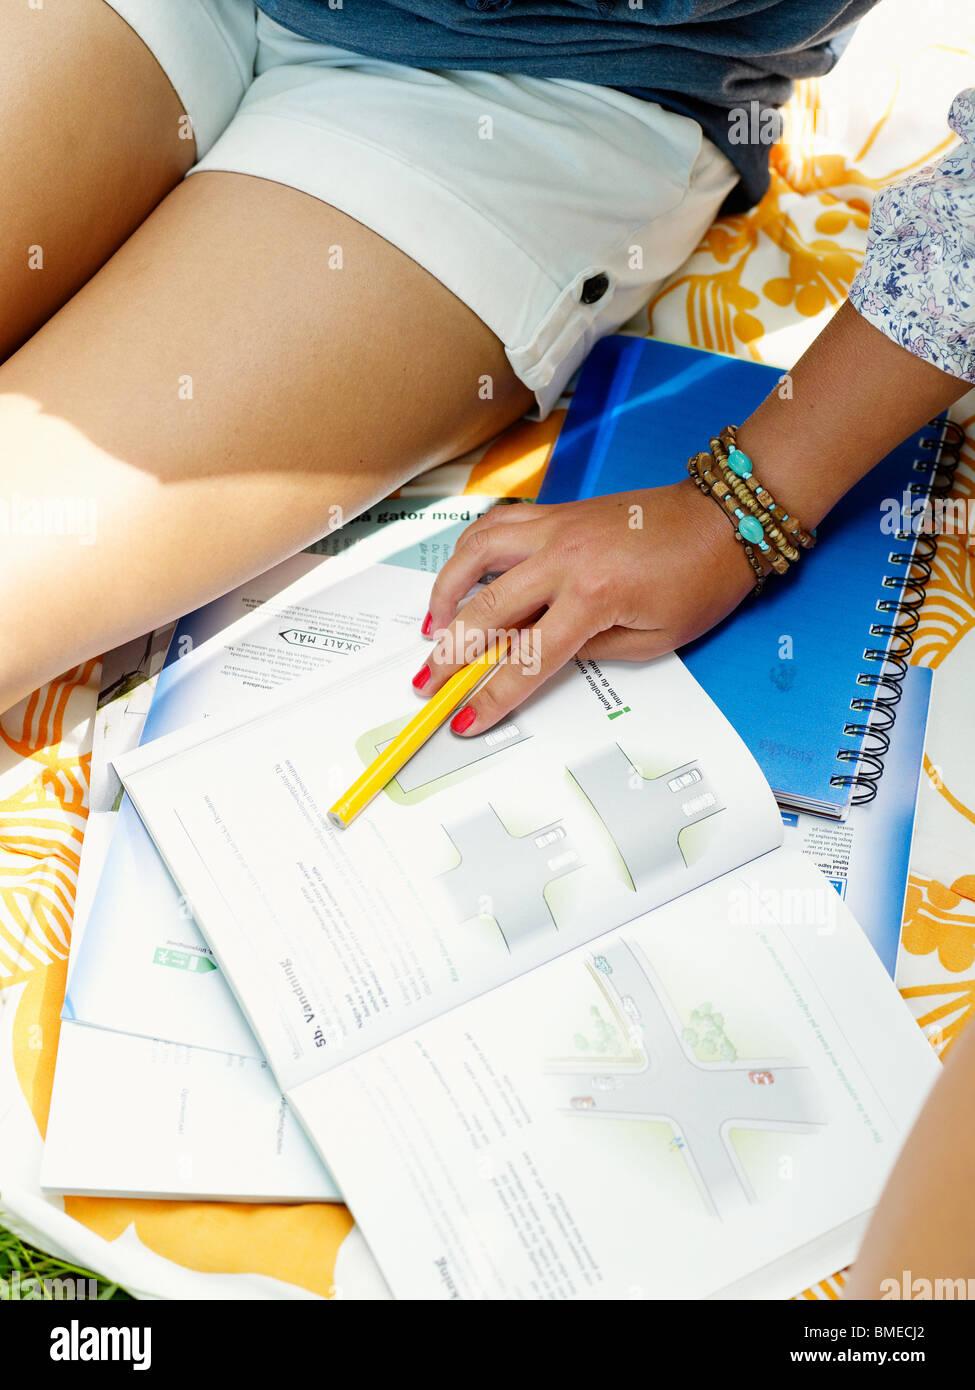 Donna seduta con il libro, vista in elevazione, close-up Immagini Stock